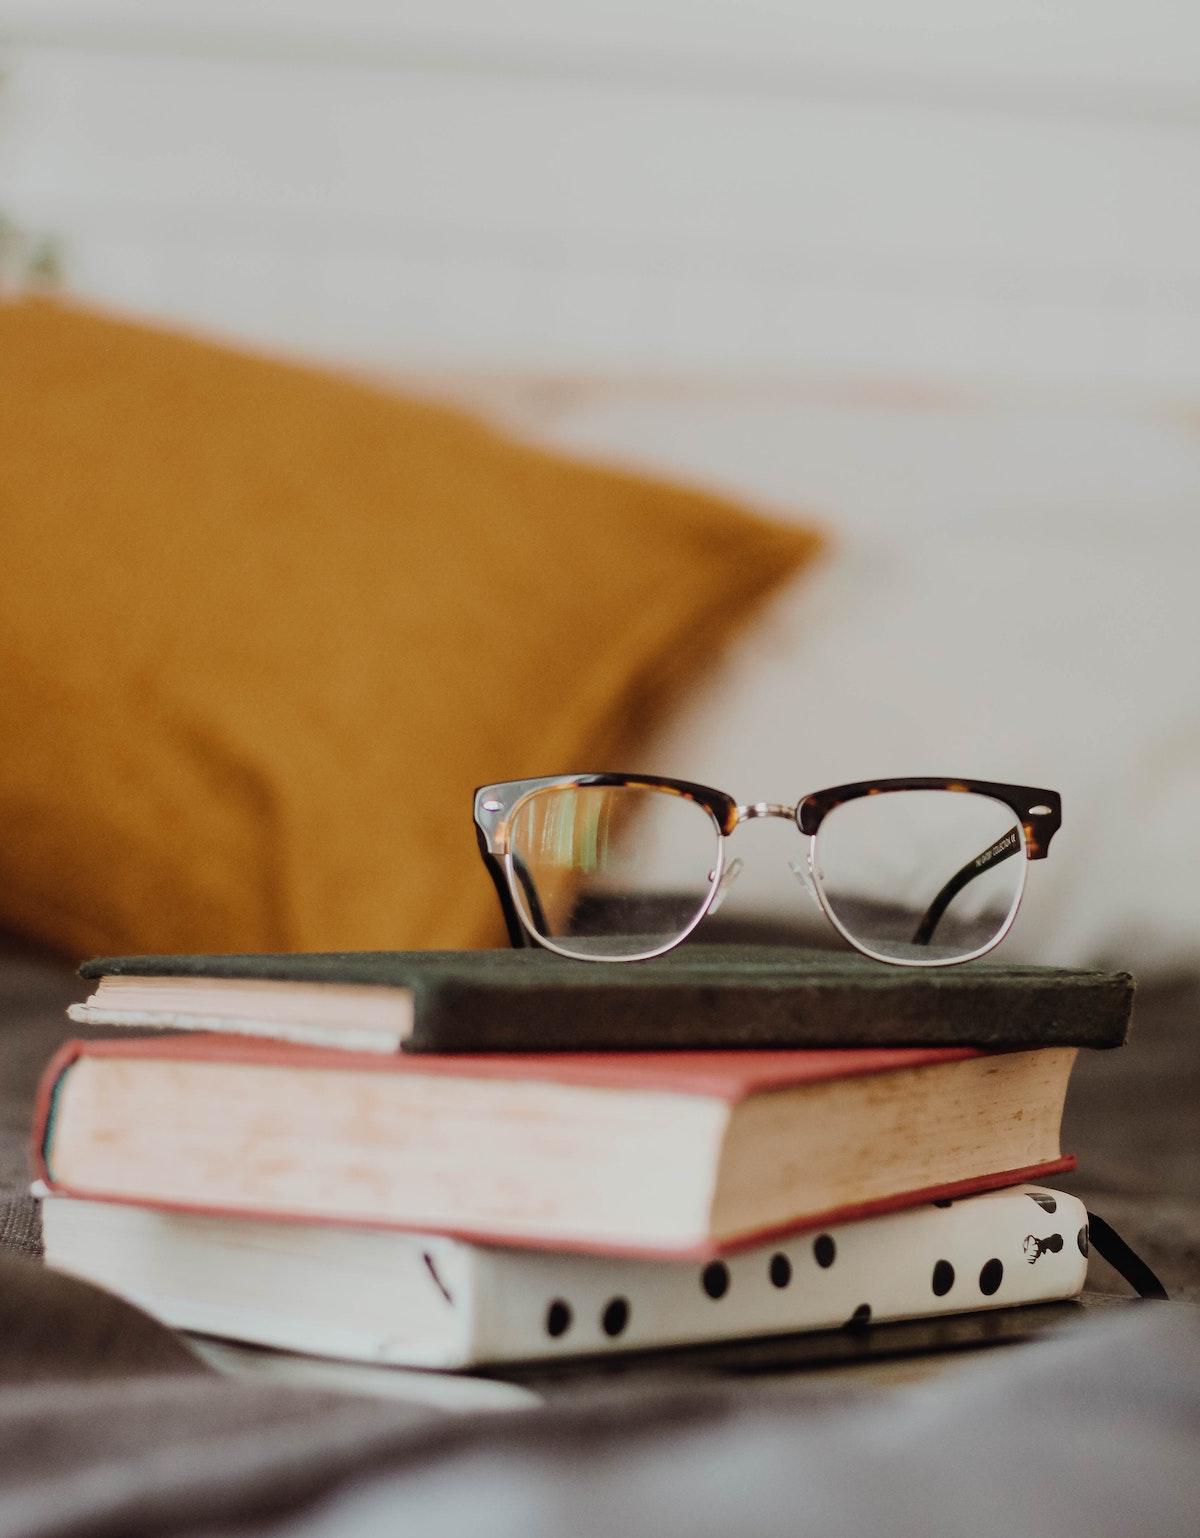 comment lire plus souvent